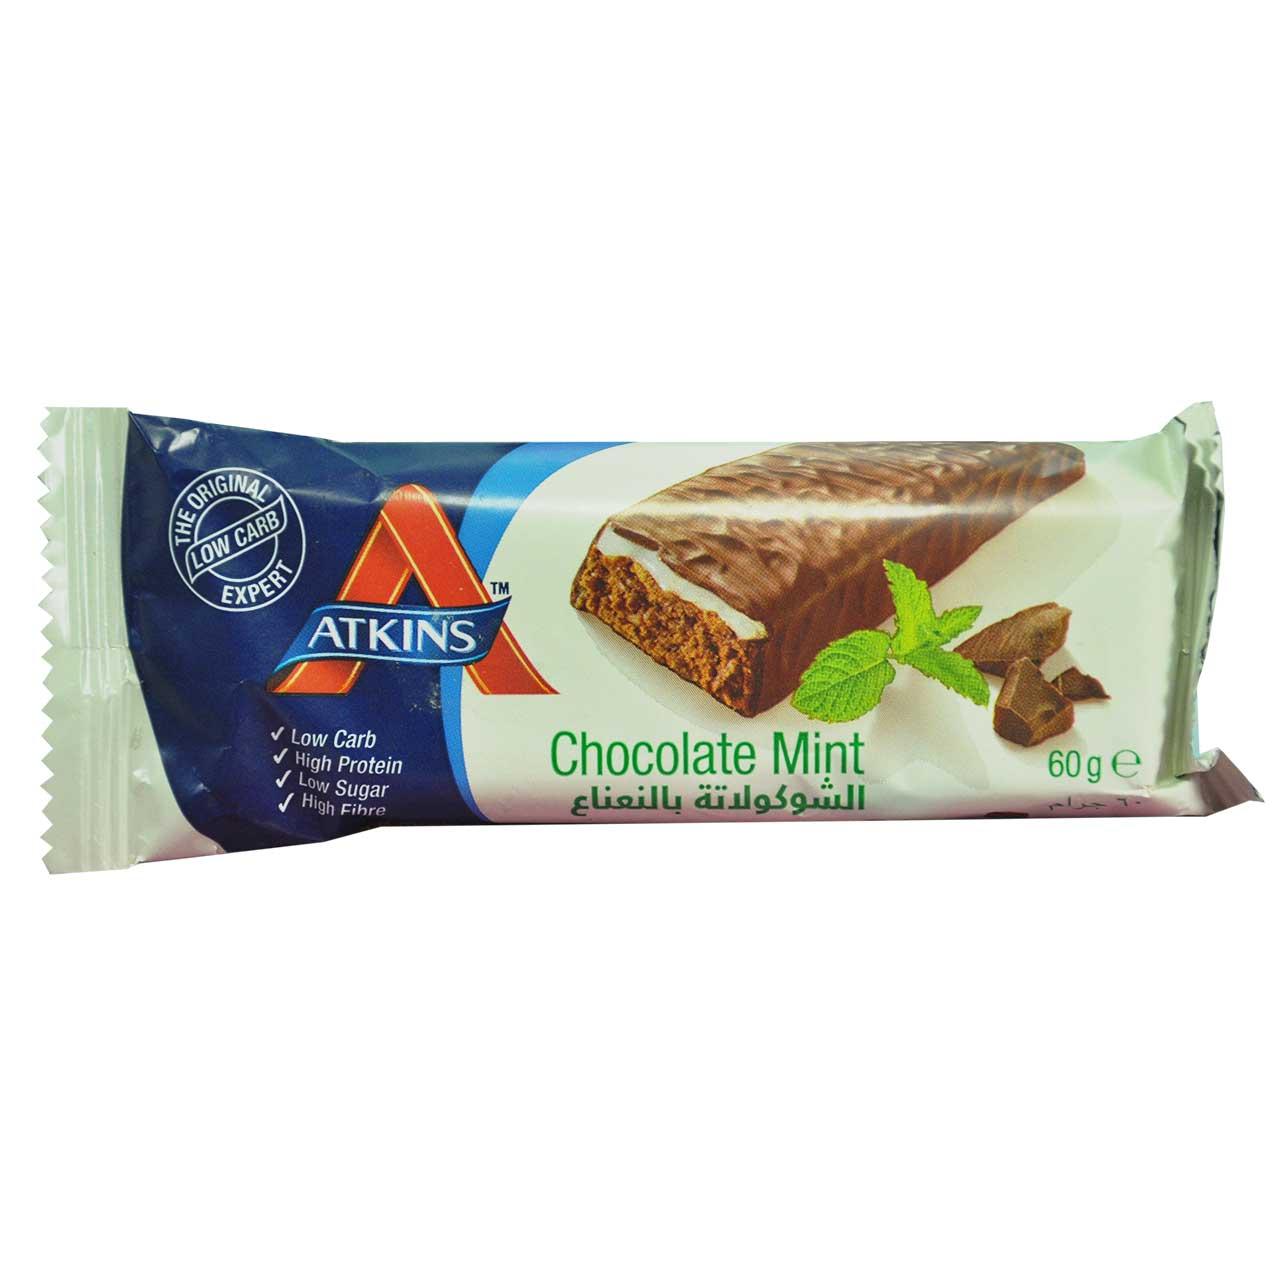 شکلات بار نعنا ۶۰ گرم اتکینز – atkins